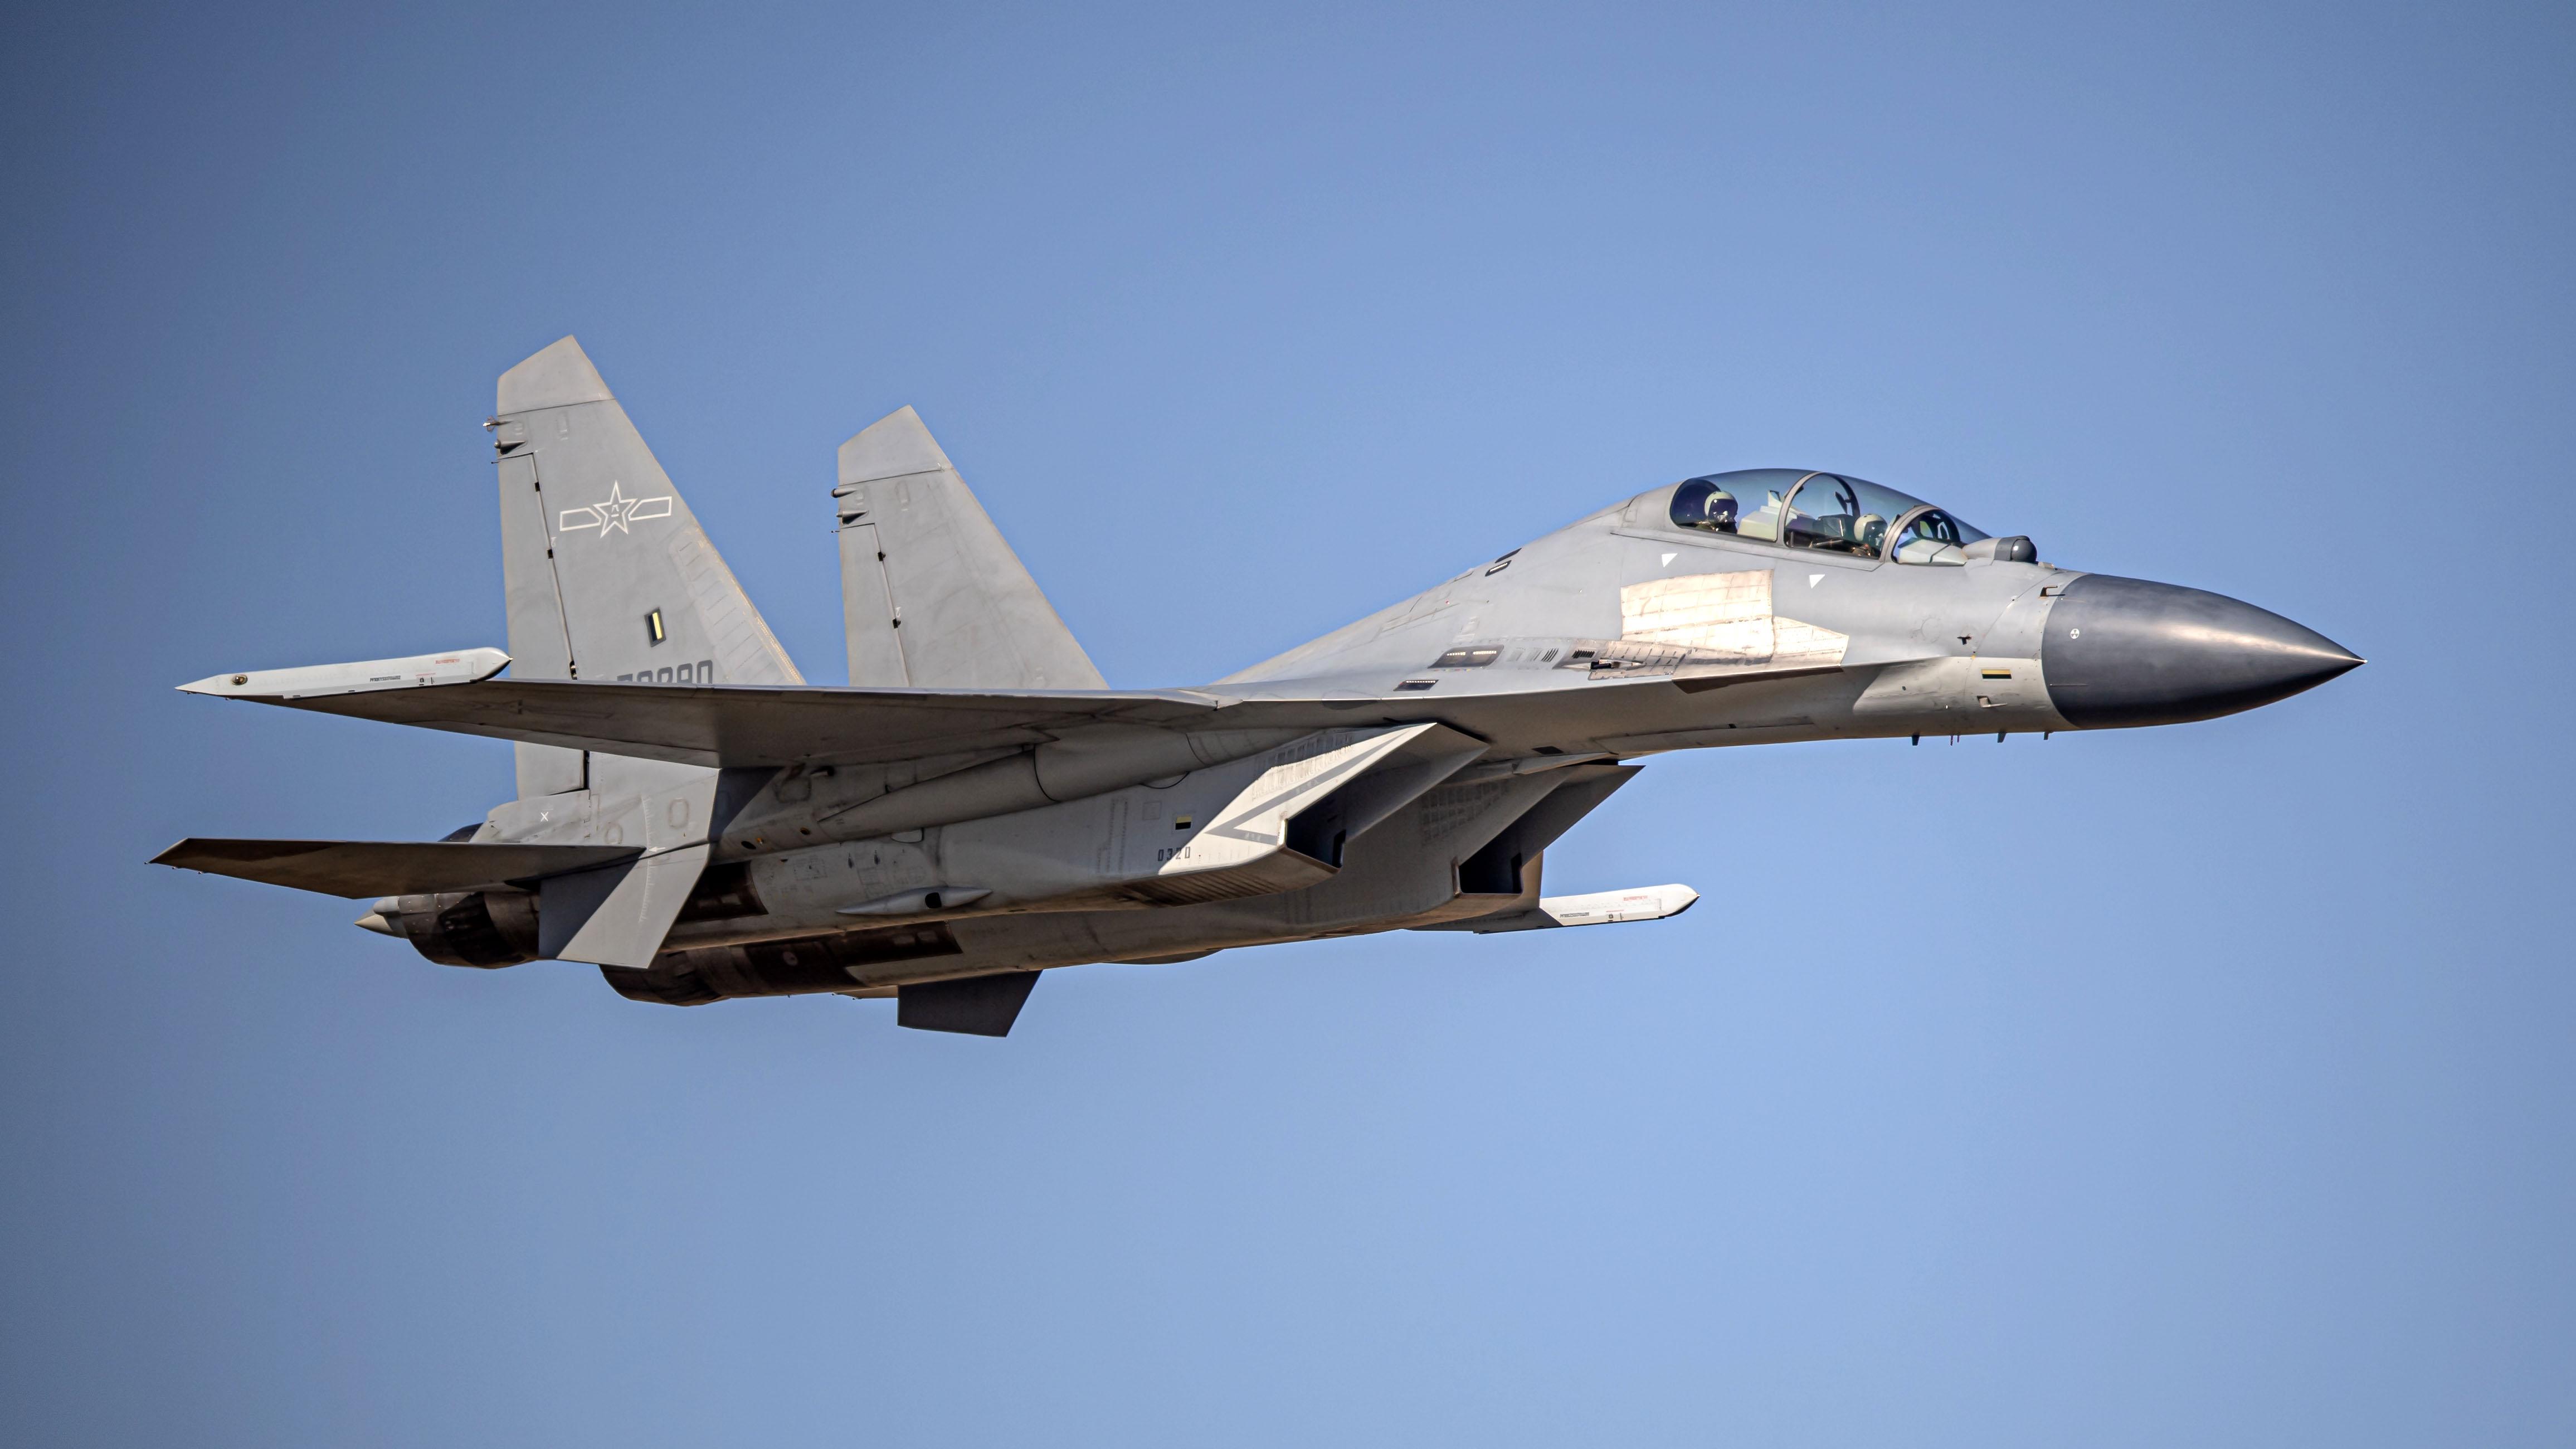 J-16 fighter jet